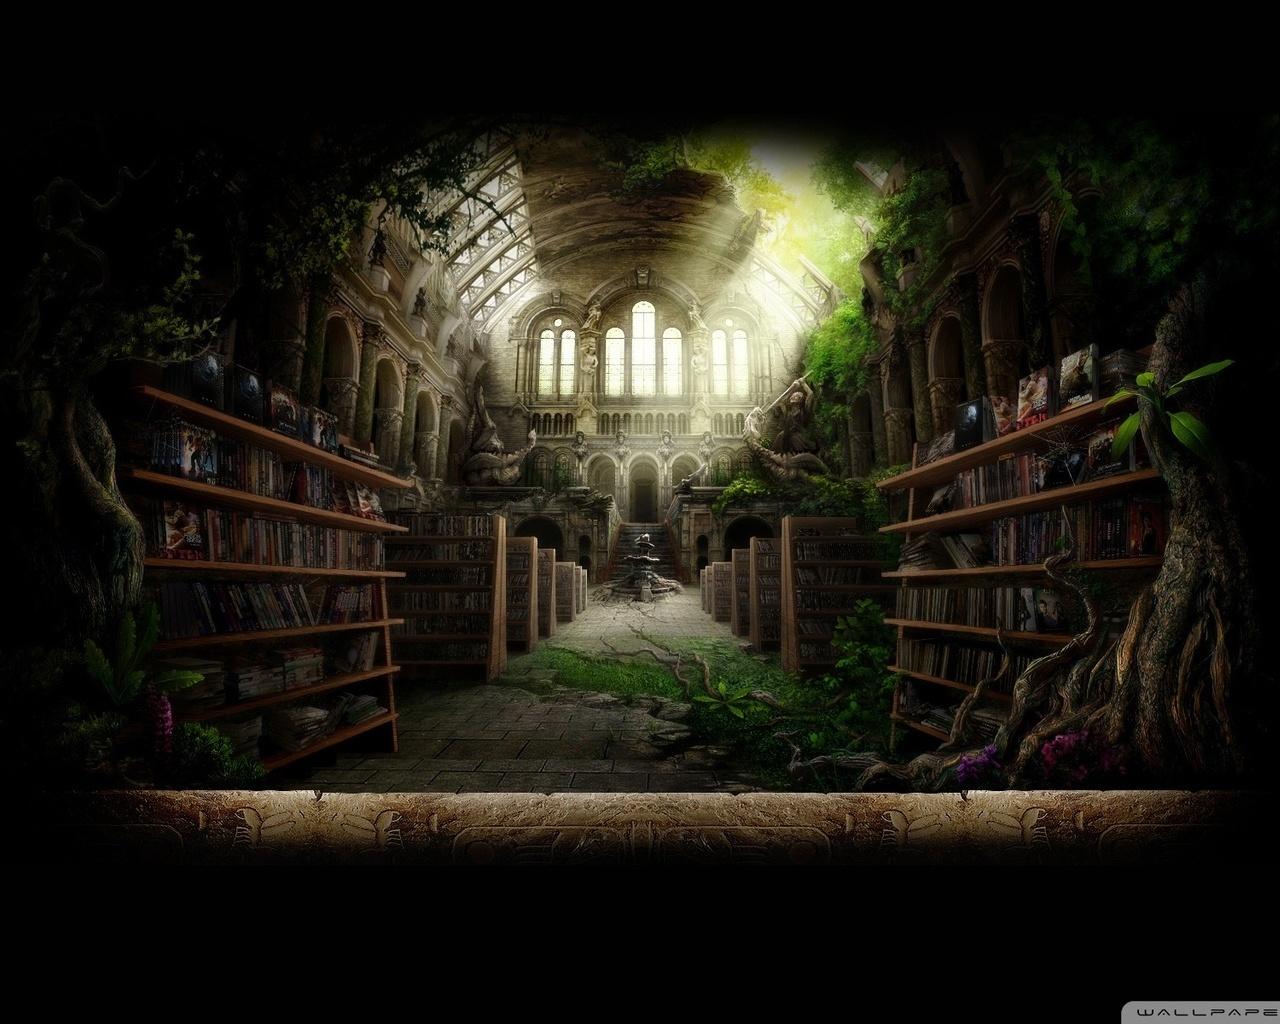 3d-графика, Библиотека картинки и ...: www.wallpage.ru/oboi_3d_grafika_biblioteka-43900.php